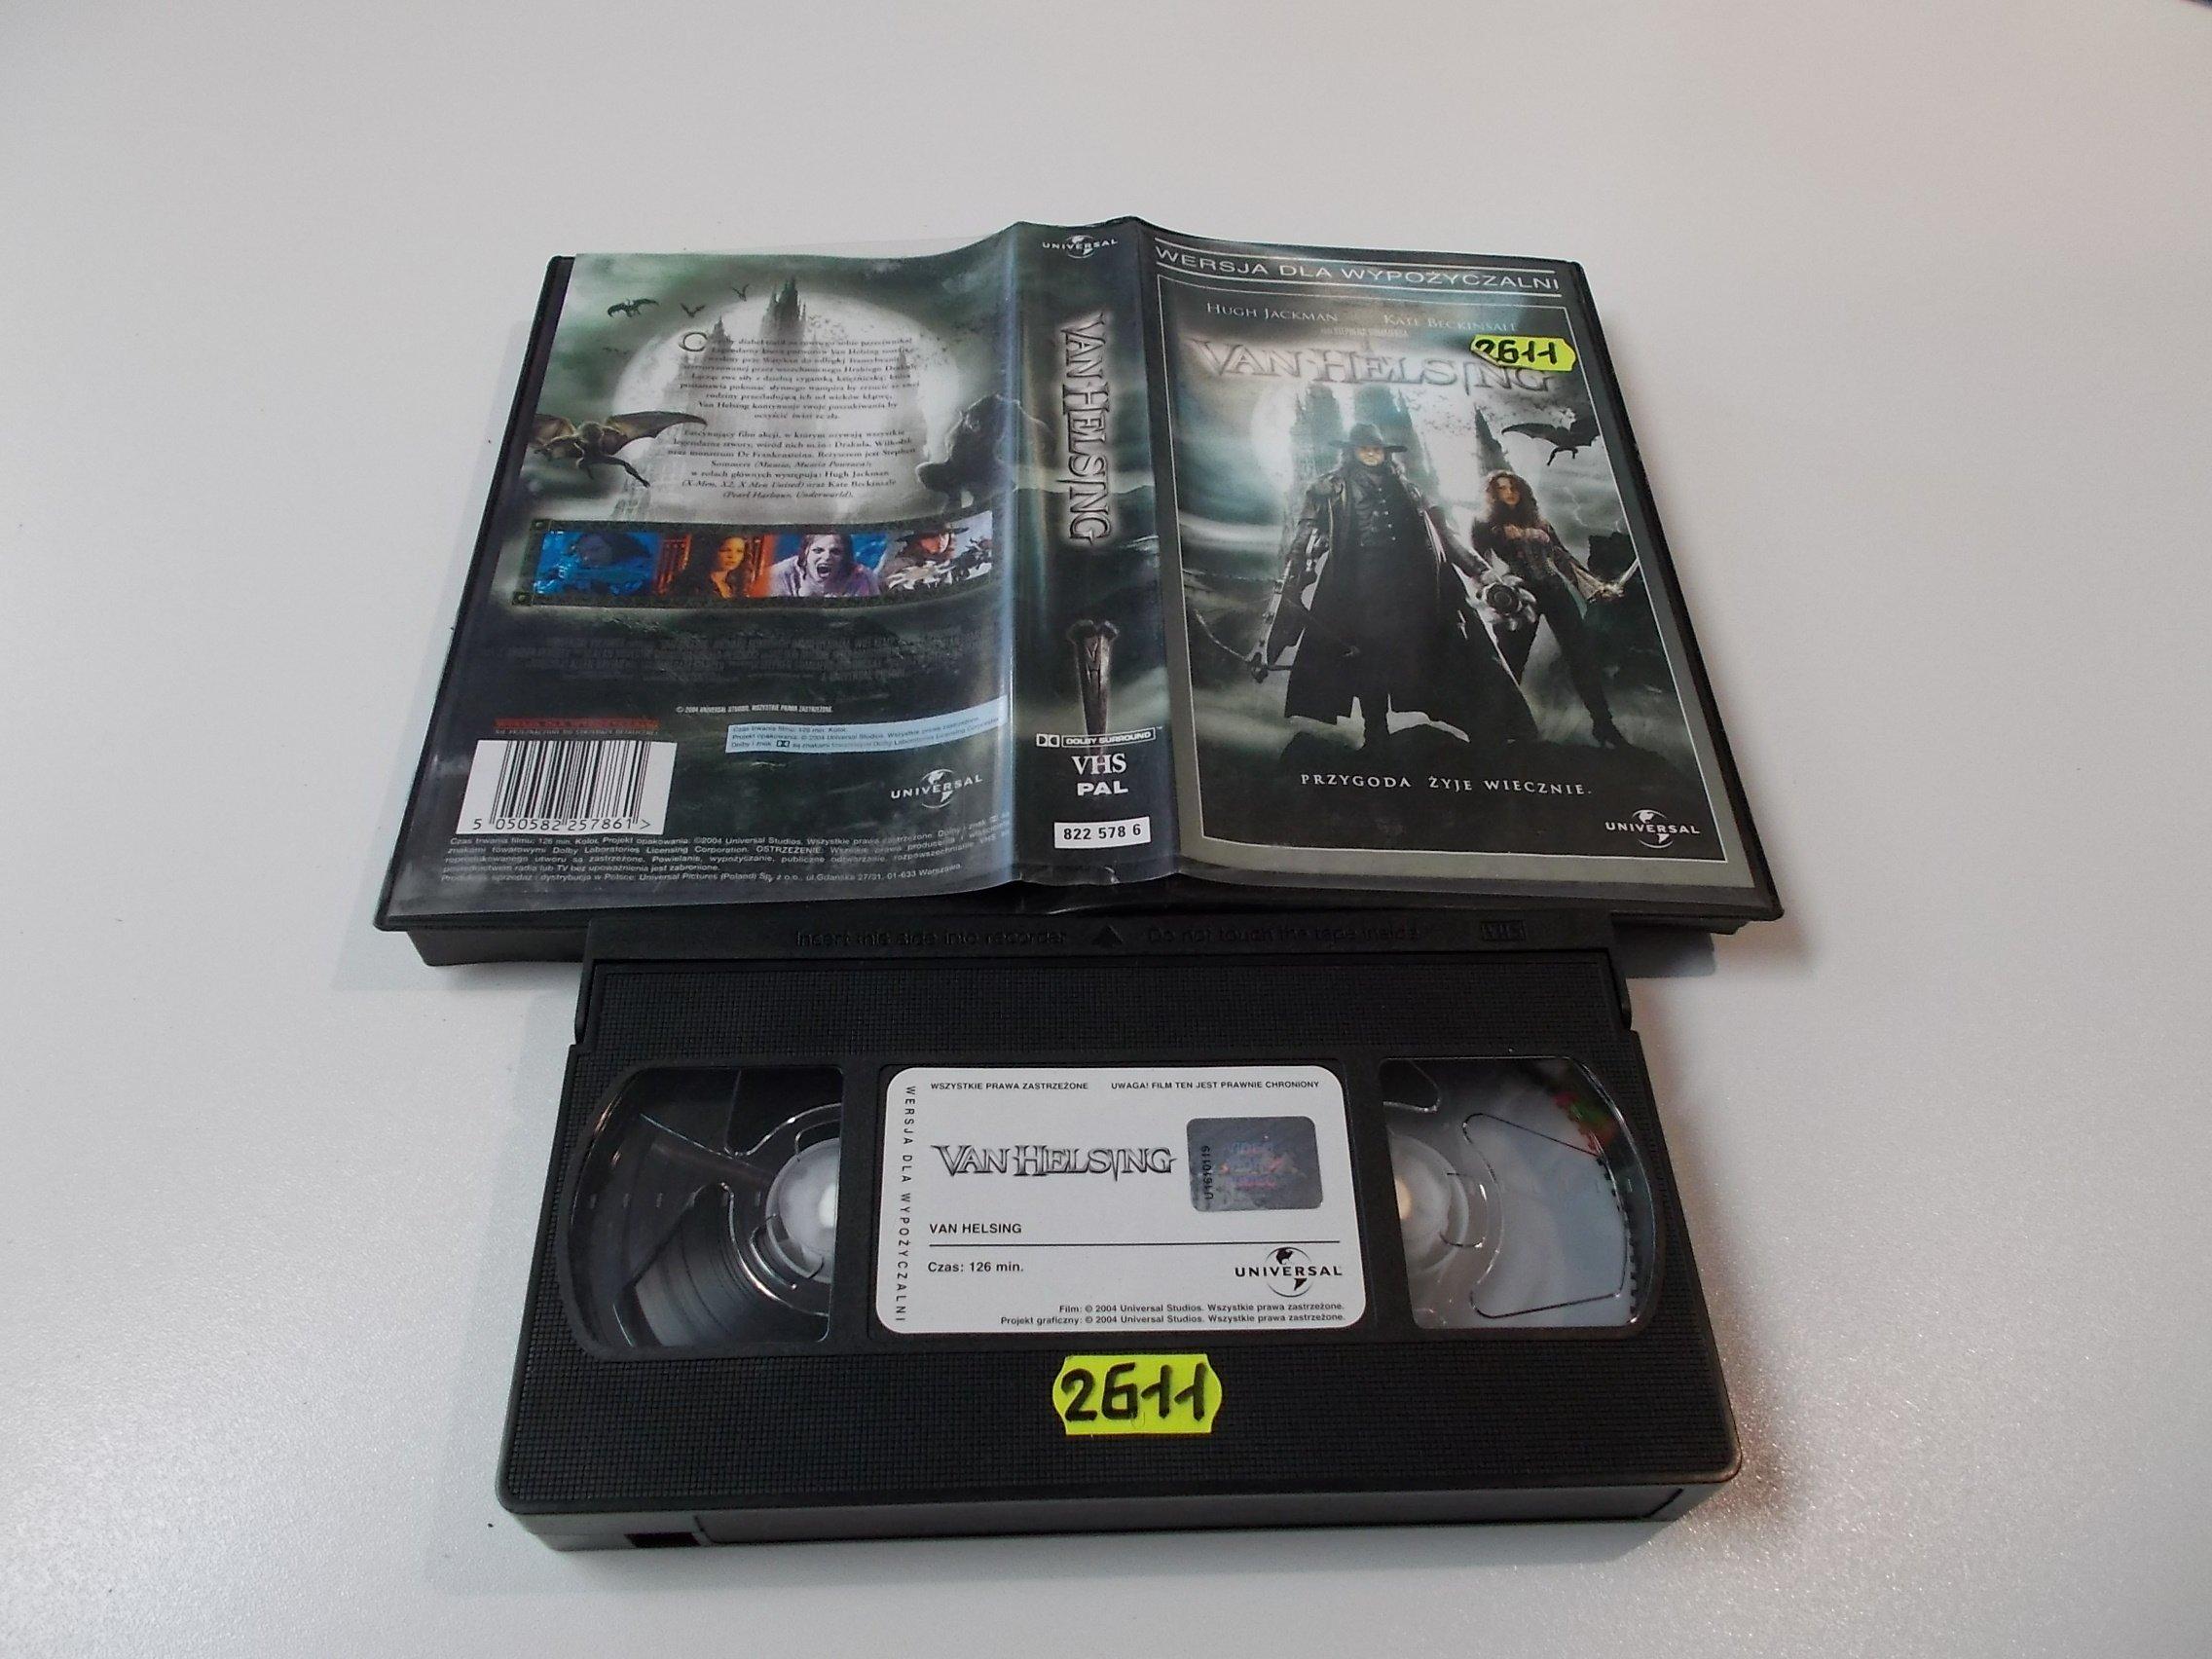 VAN HELSING - Kaseta Video VHS - Opole 1565